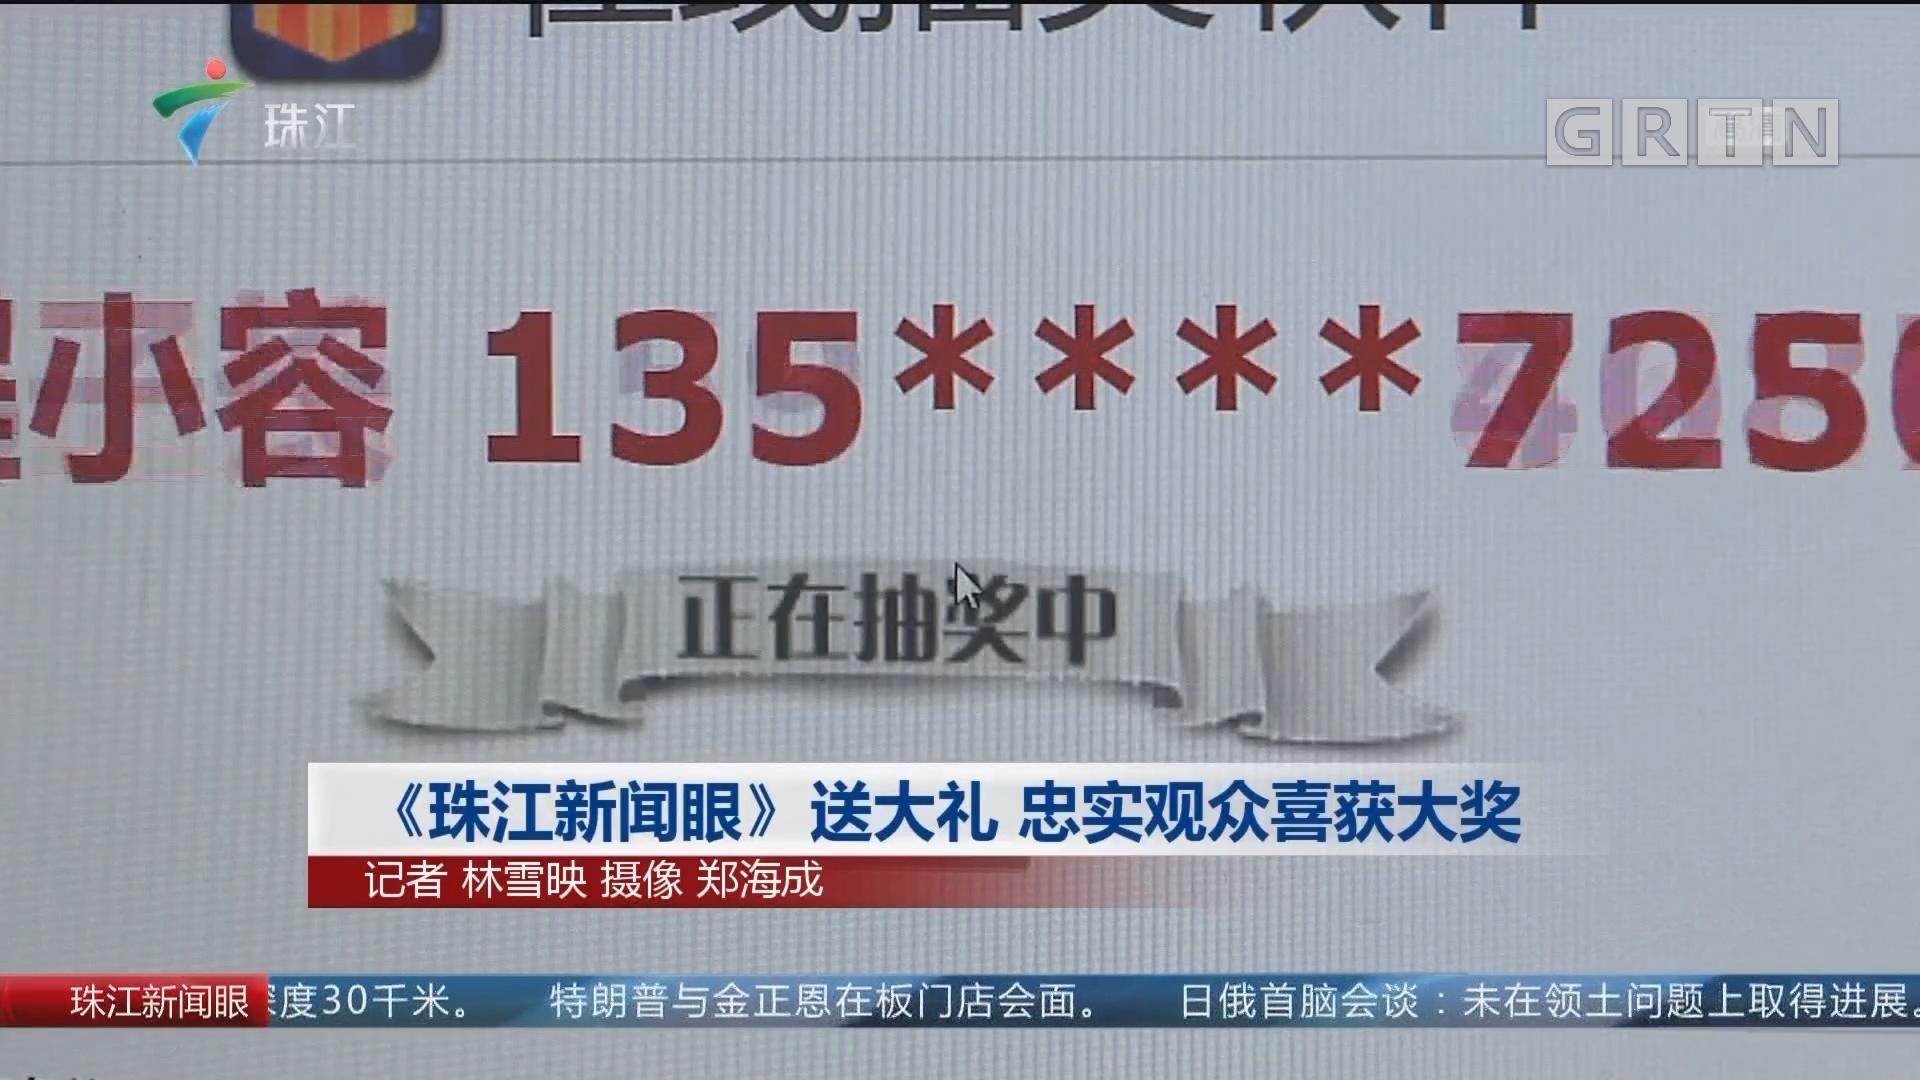 《珠江新闻眼》送大礼 忠实观众喜获大奖